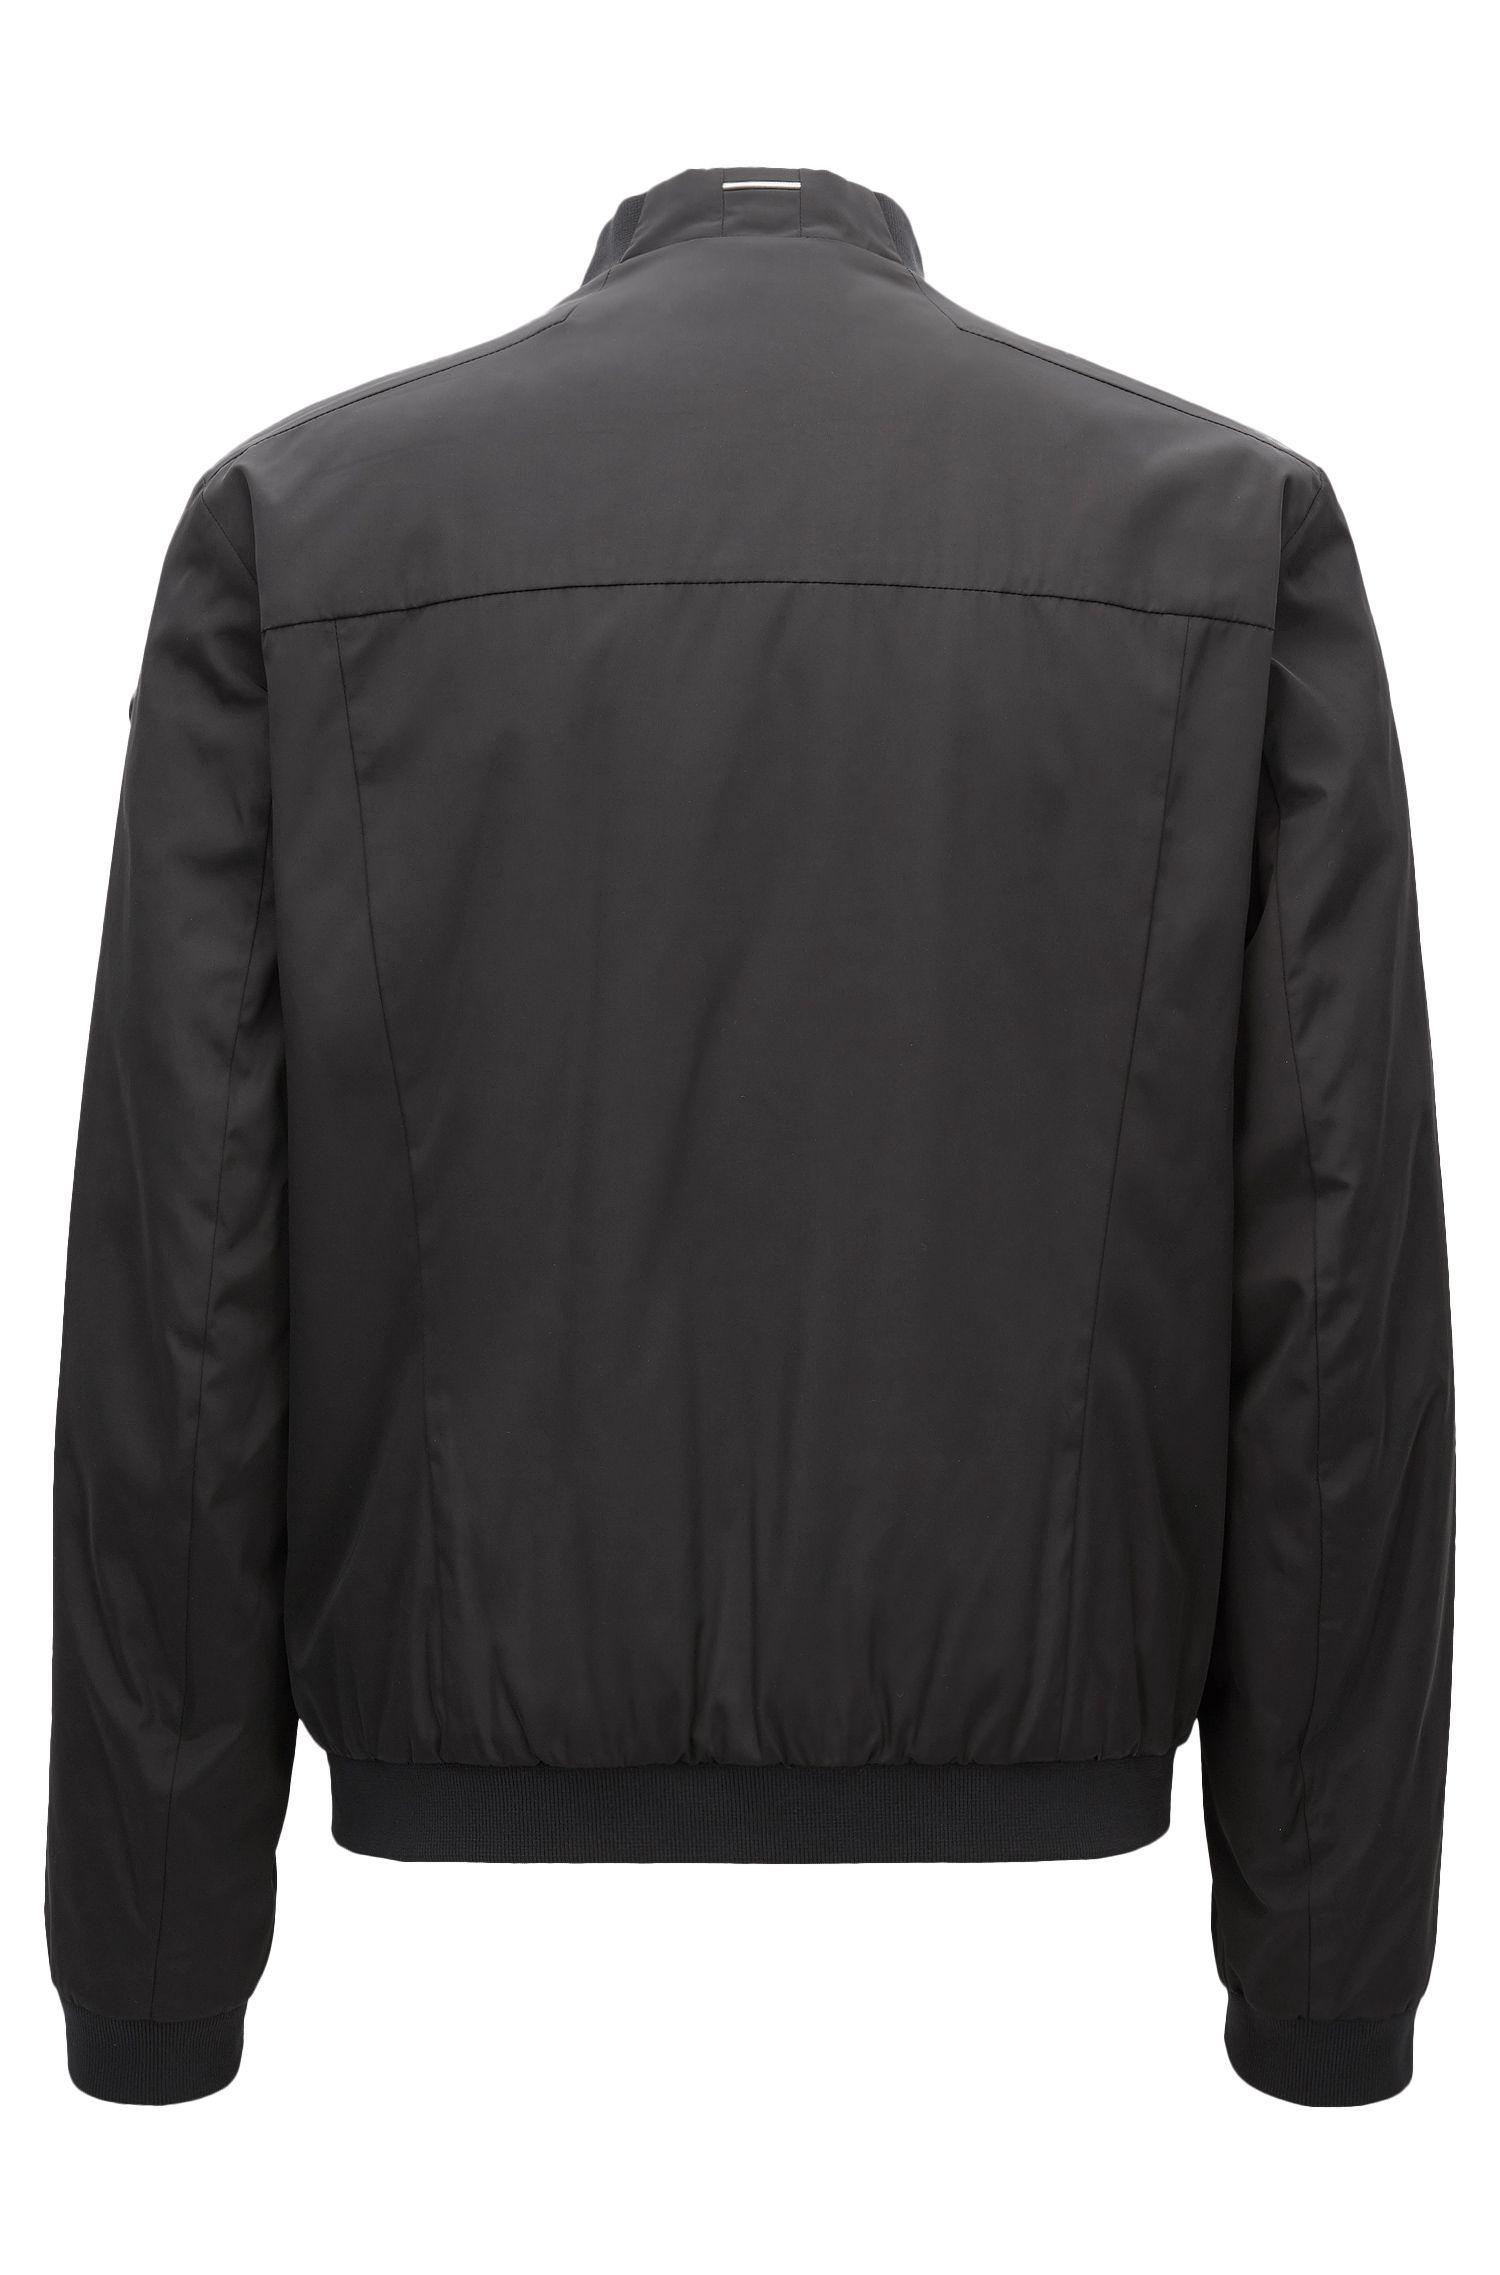 Nylon Bomber Jacket | Jomber, Black